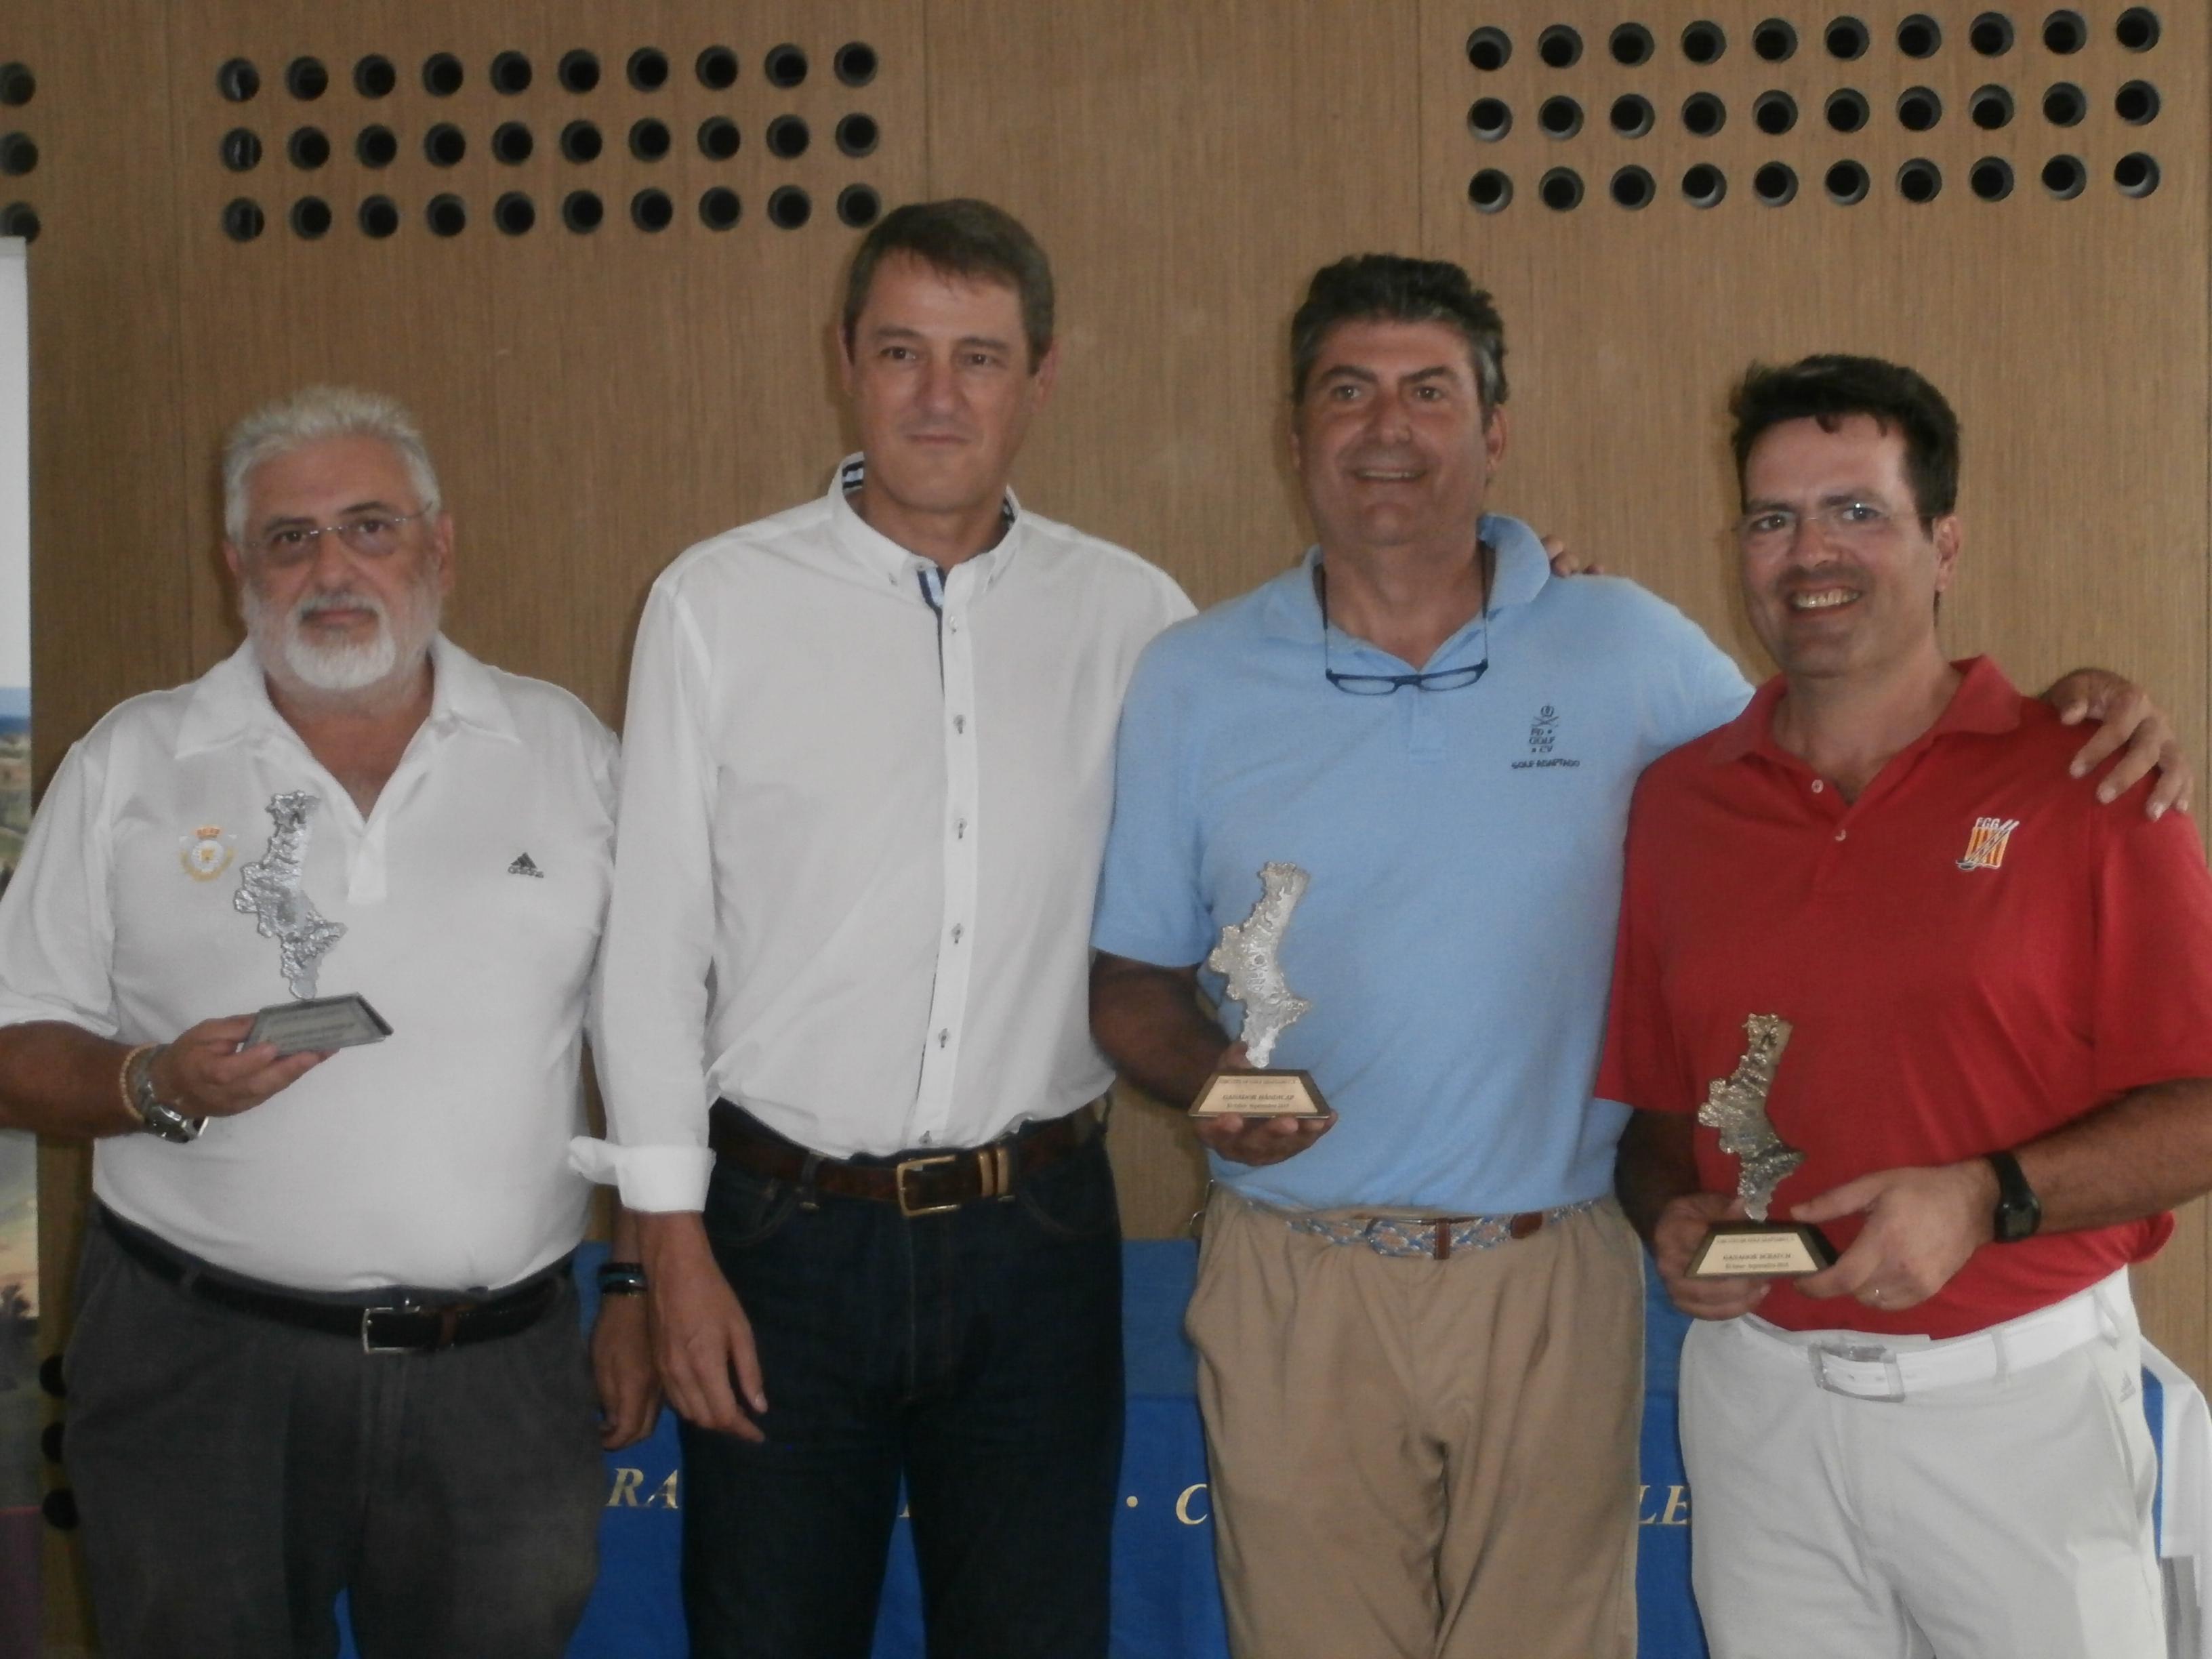 Circuito Yoingolf : El circuito de golf adaptado celebró su última prueba en el el saler